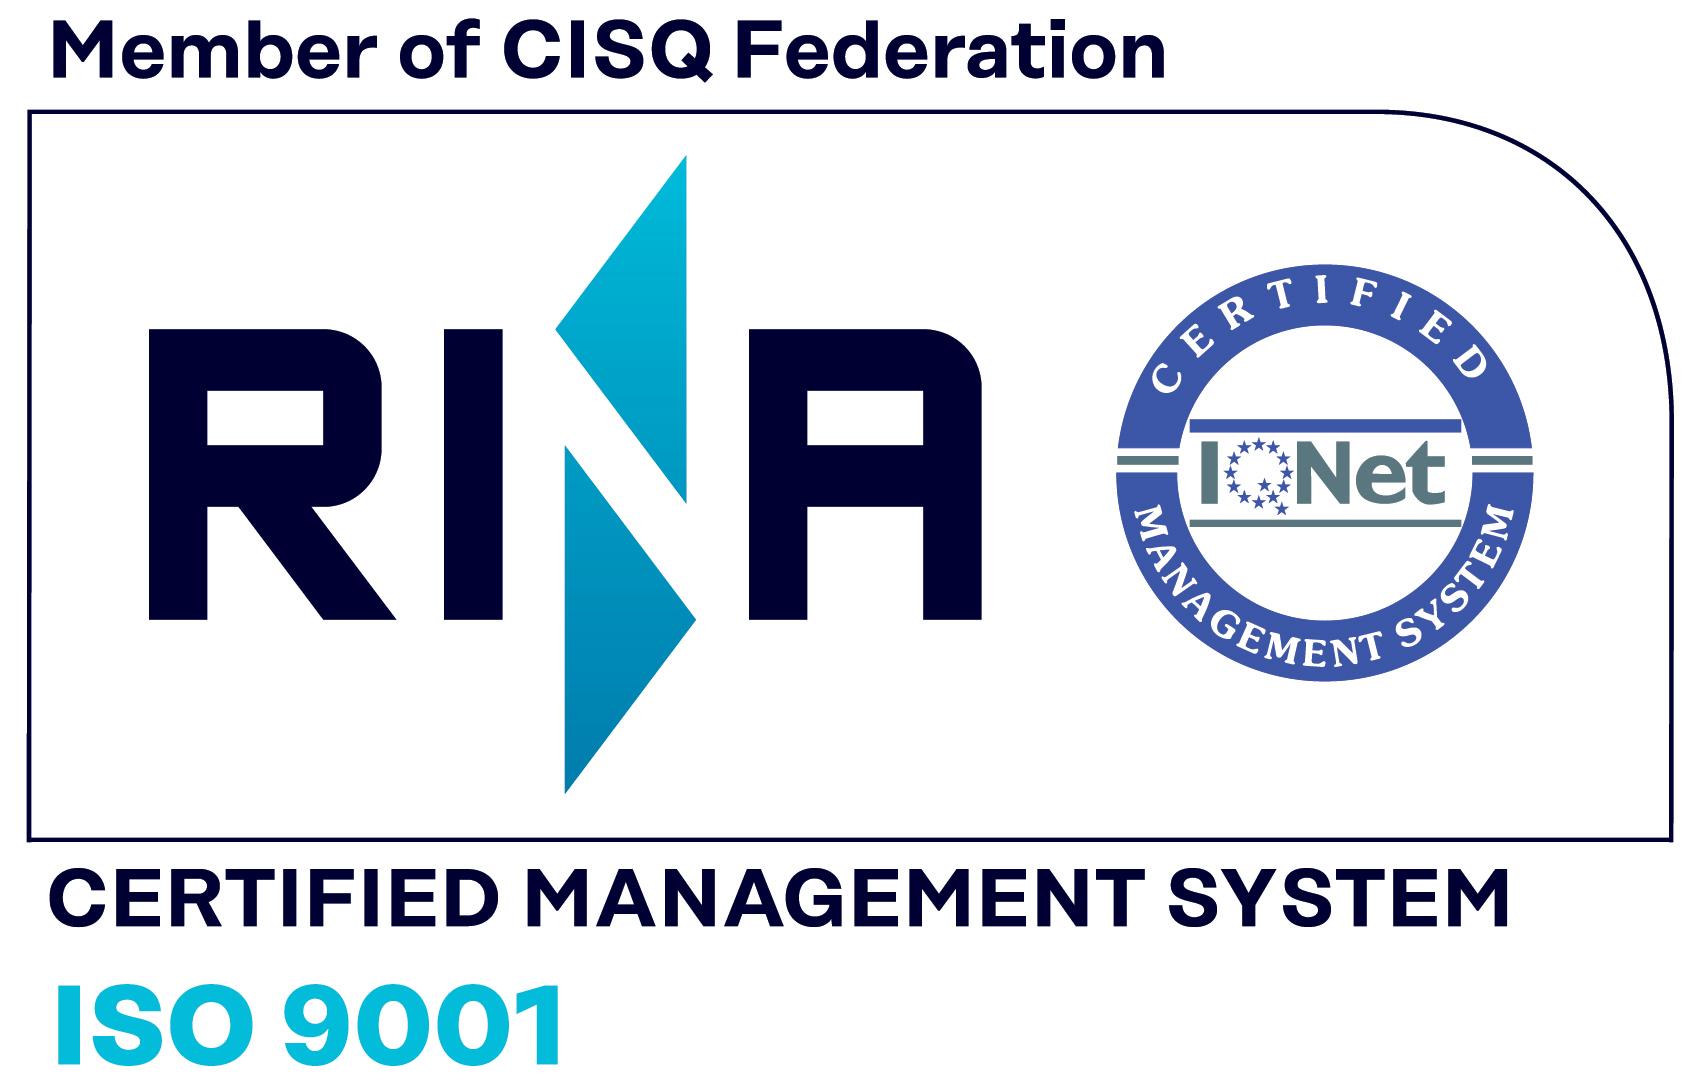 FirEst S.r.l. certificata ISO 9001 per manutenzioni su impianti e presidi antincendio e formazione sulla sicurezza sul lavoro